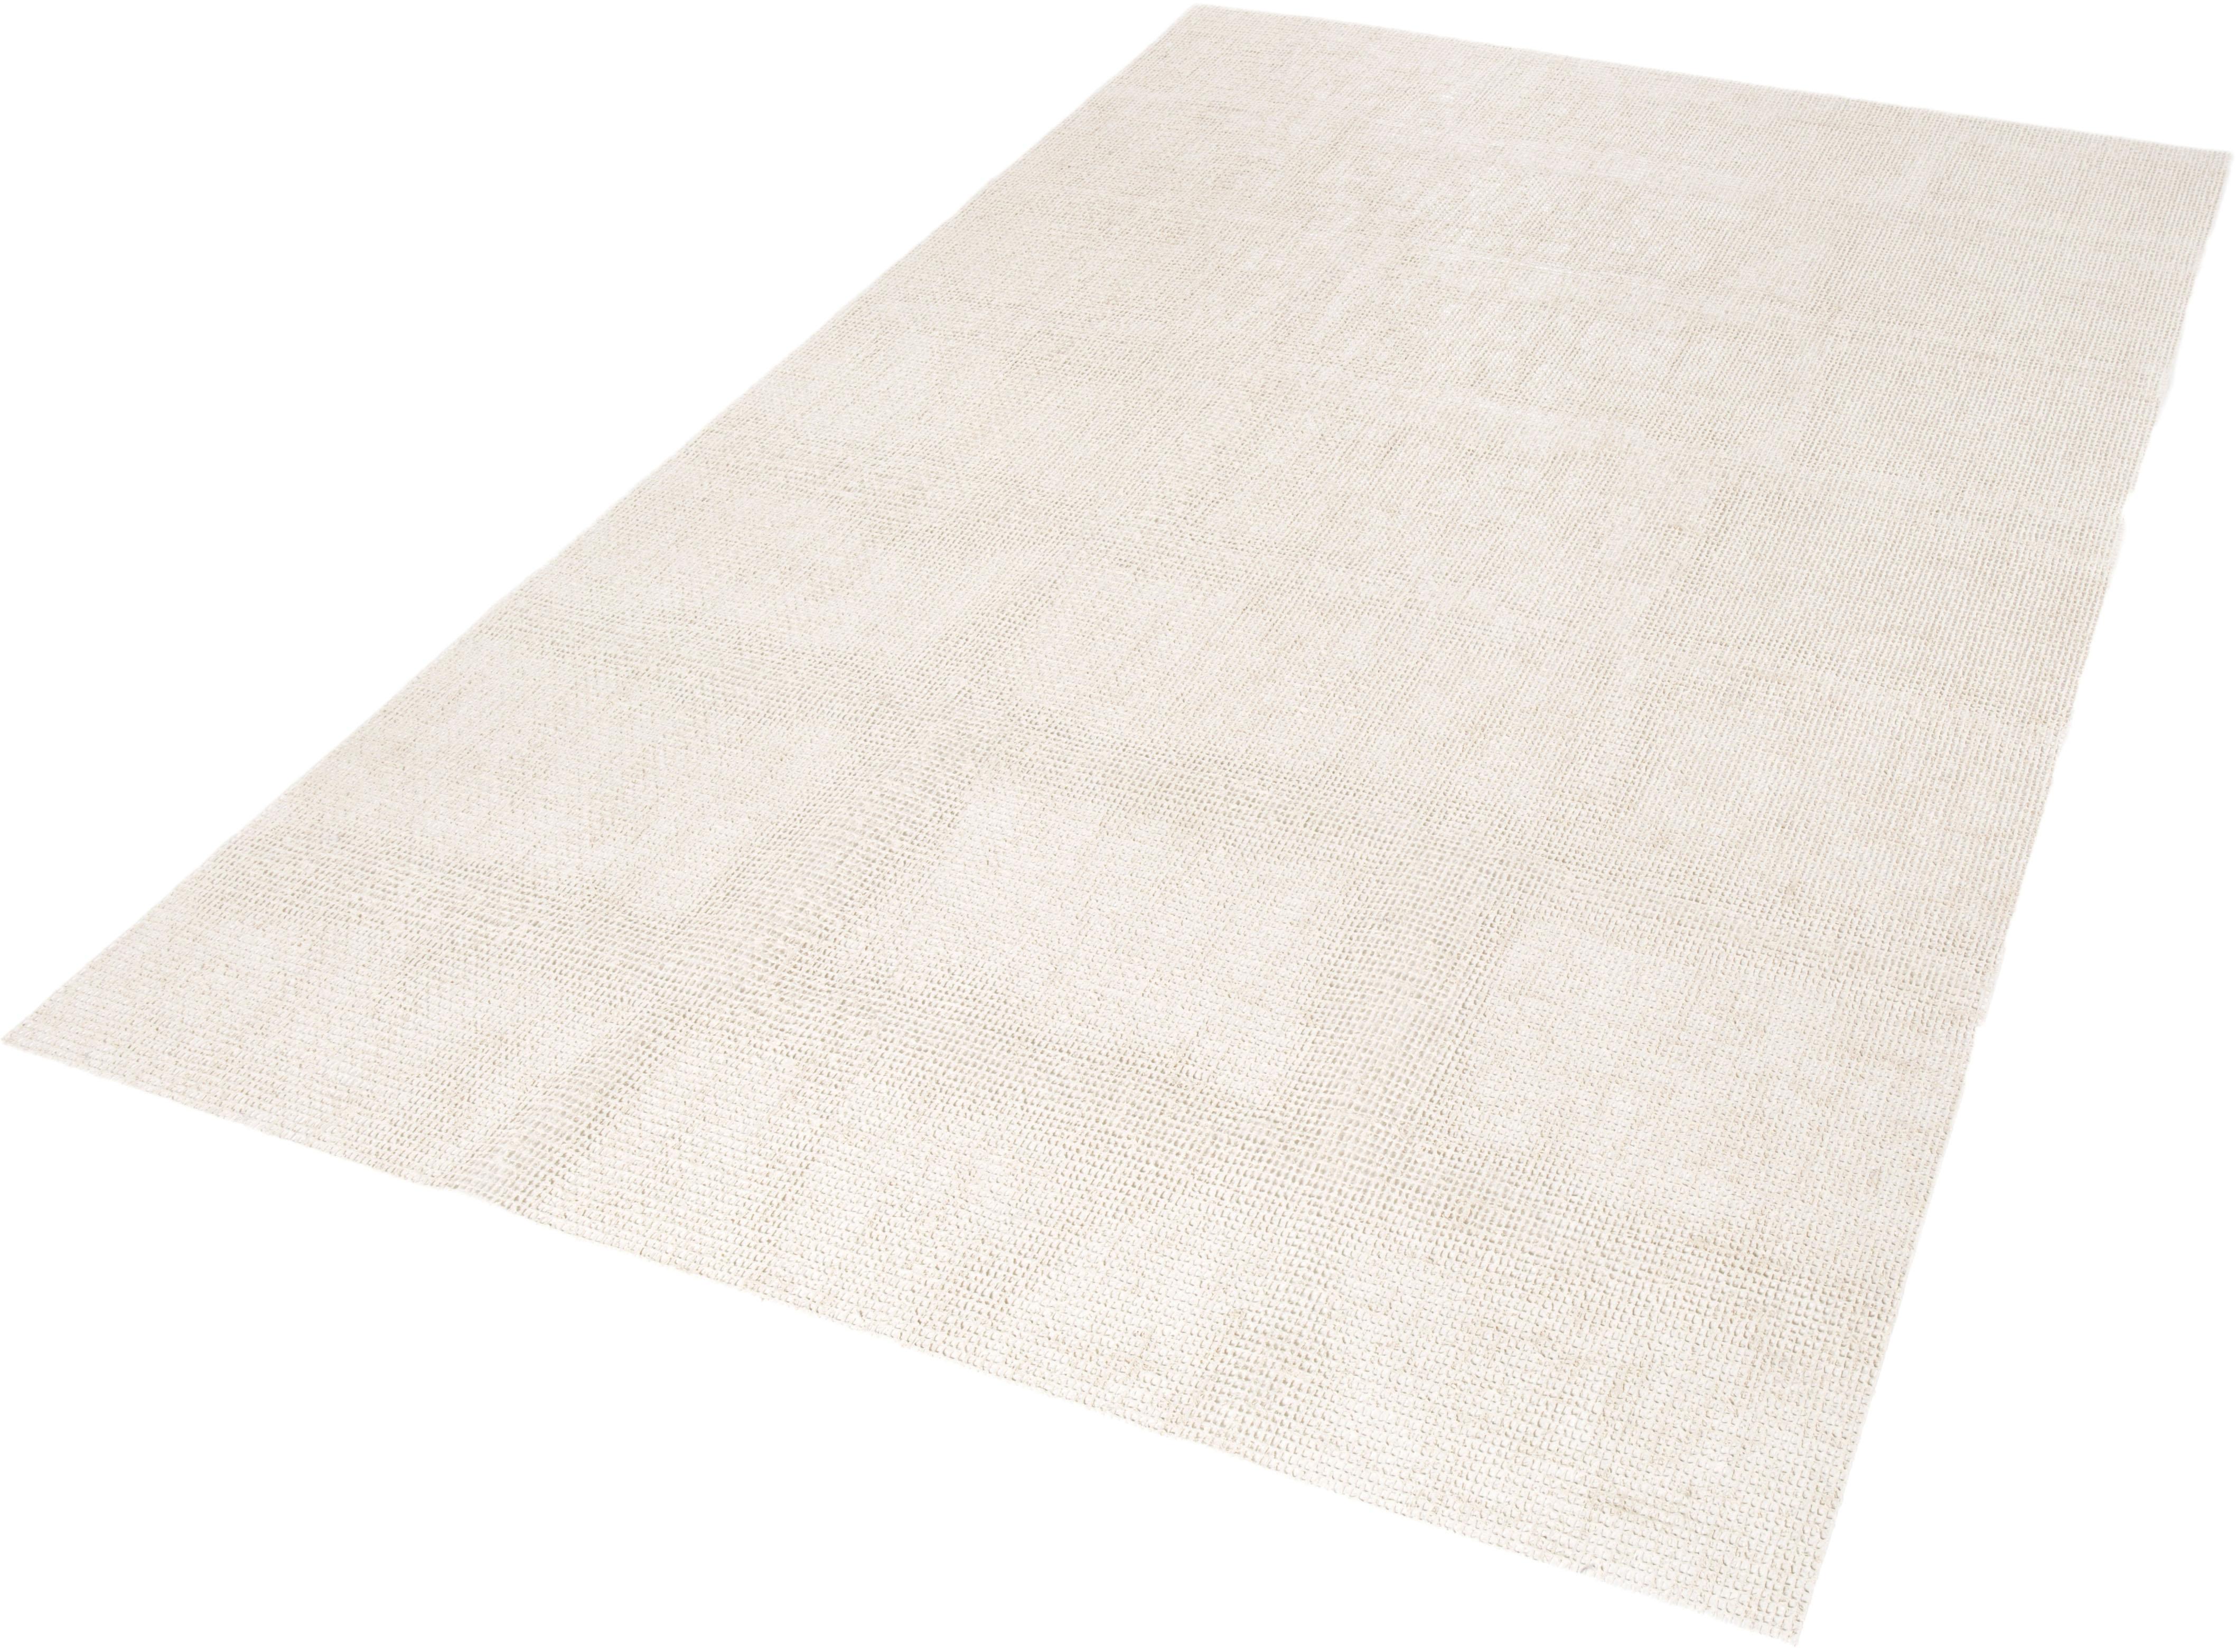 LUXOR living Antirutsch Teppichunterlage Nature, Rutschunterlage beige Teppichunterlagen Teppiche